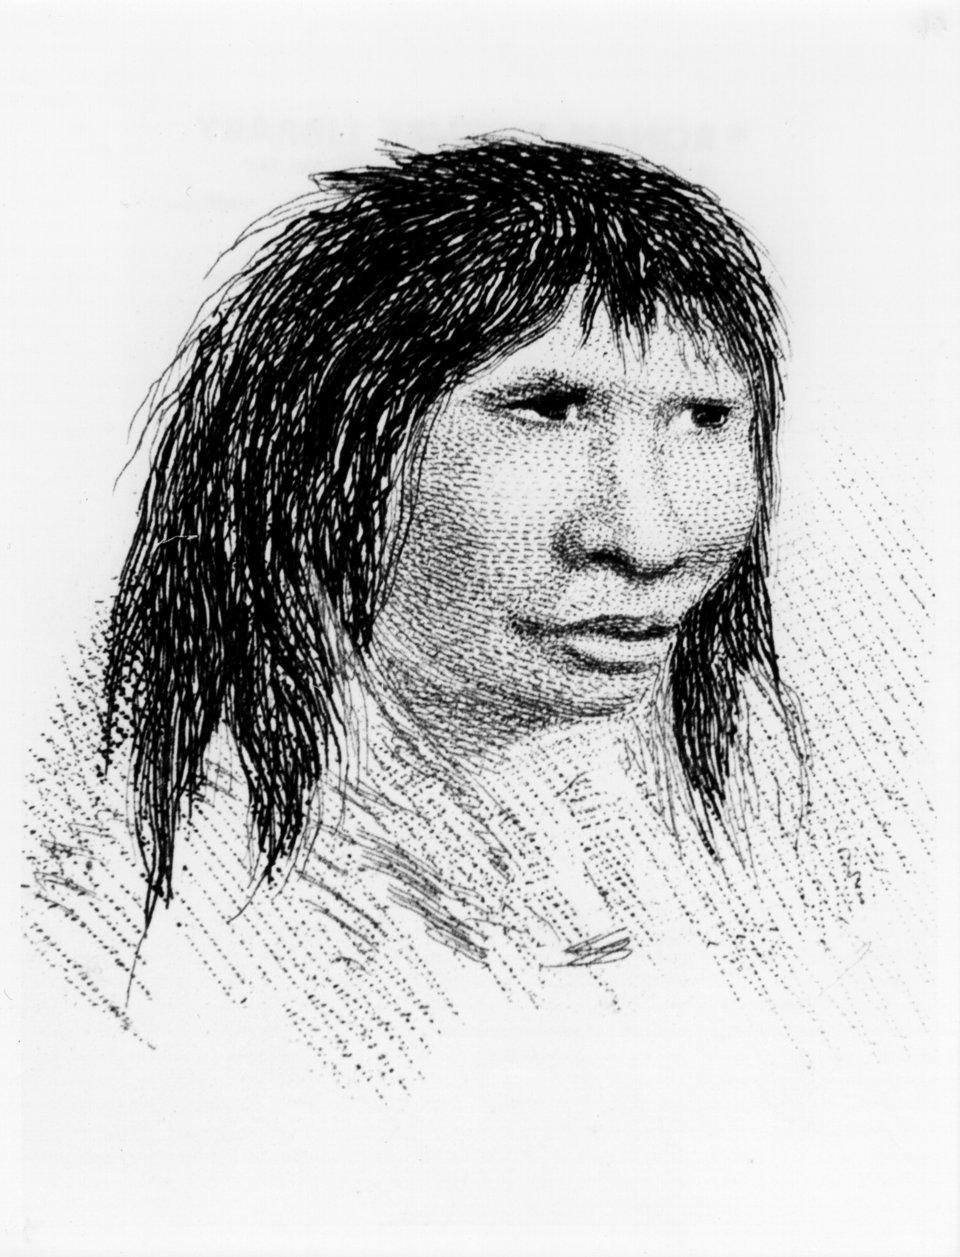 Όλοι όσοι γεννηθήκαμε πριν το 1965 και ζήσαμε τα πρώτα δέκα τουλάχιστον χρόνια μας σε χωριό, μοιάζουμε με τον Τζέμι Μπάτον, τον ιθαγενή από την Γη του Πυρός. PRINT COLLECTOR VIA GETTY IMAGES. Jemmy Button, the Fuegian 'adopted' by Fitzroy's expedition, in 1834 (1839).